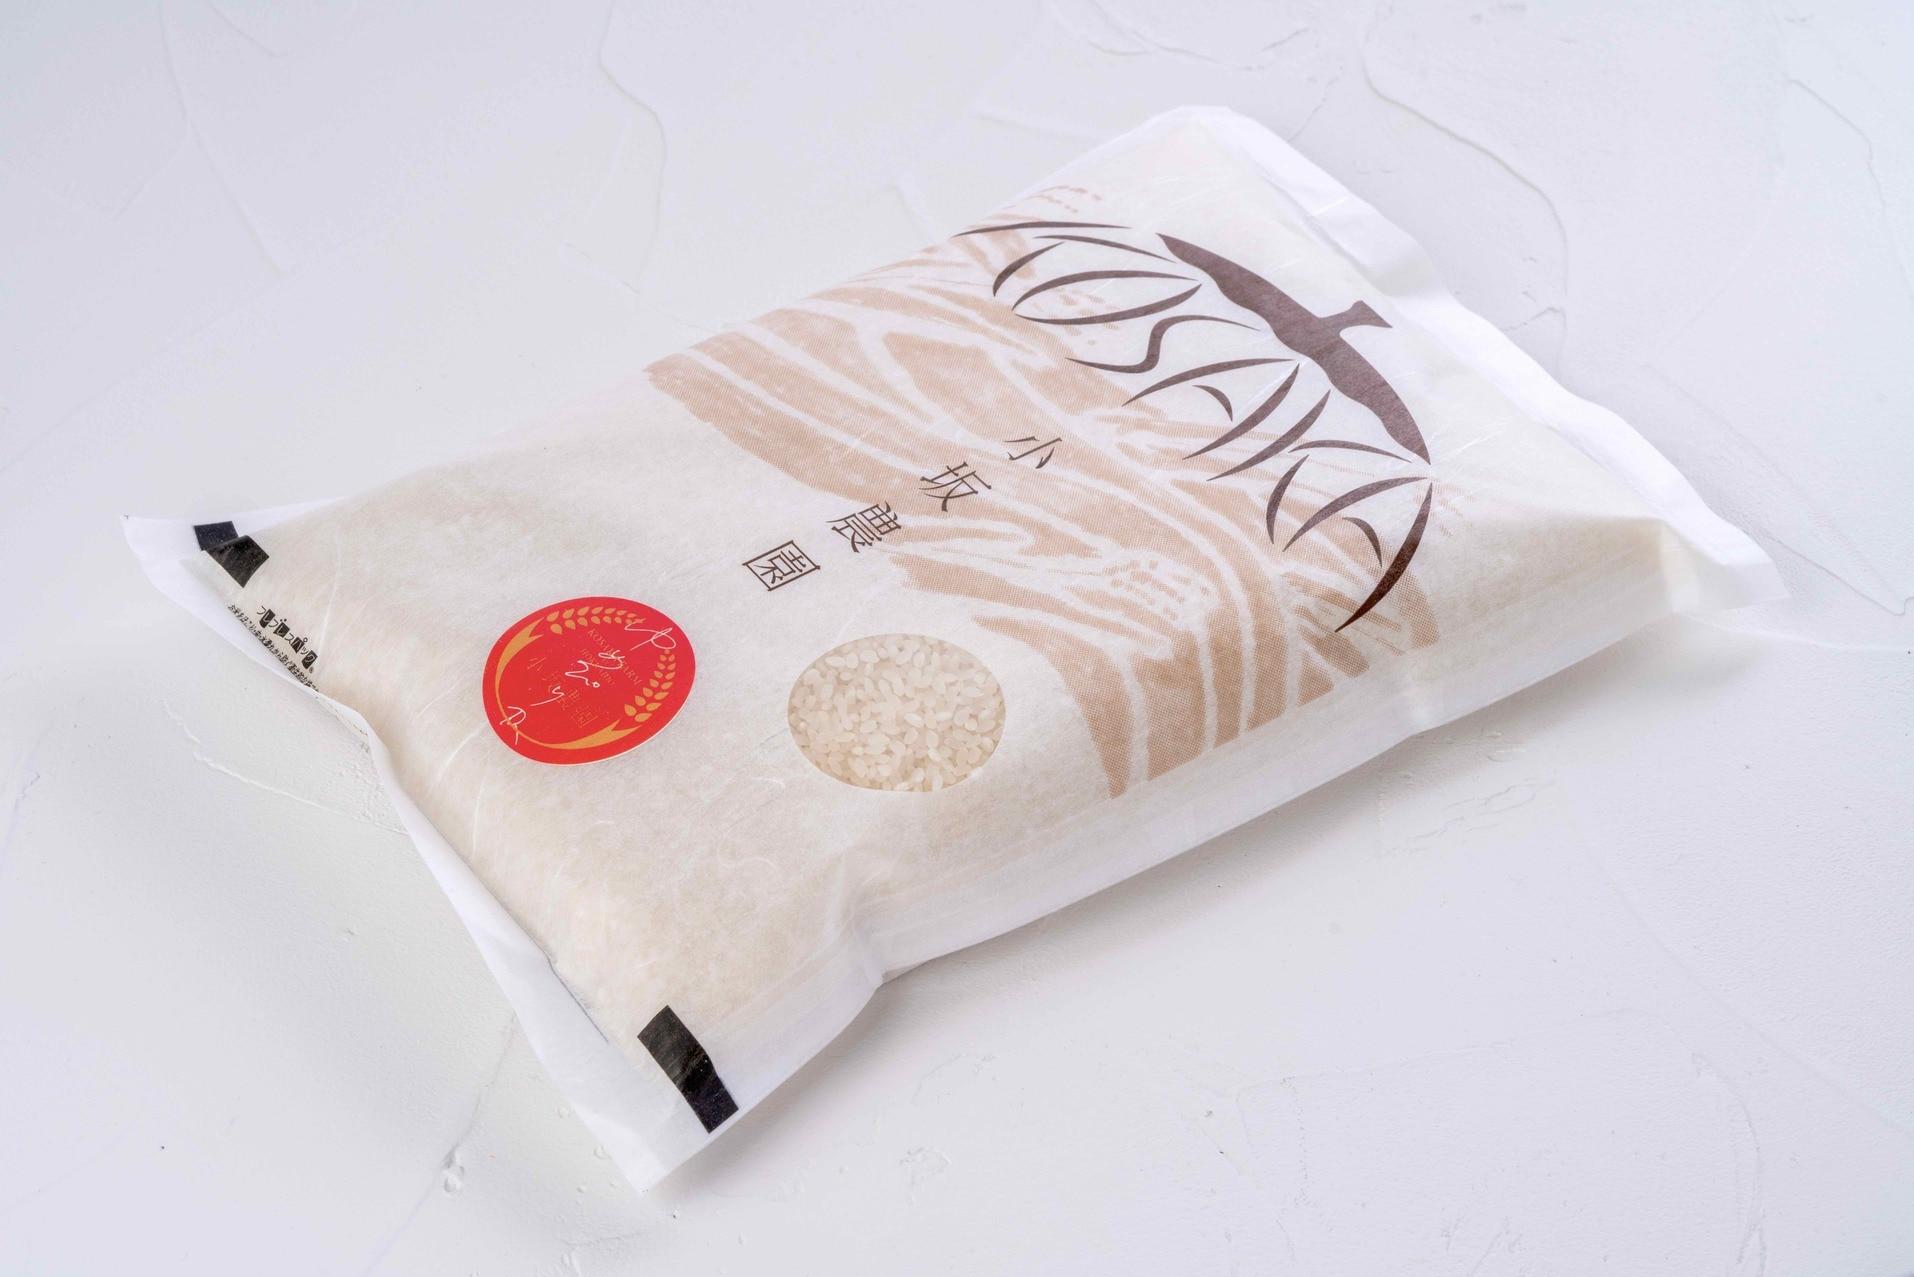 通販・お取り寄せ北海道米,むかわ町小坂農園のゆめぴりかのパッケージ